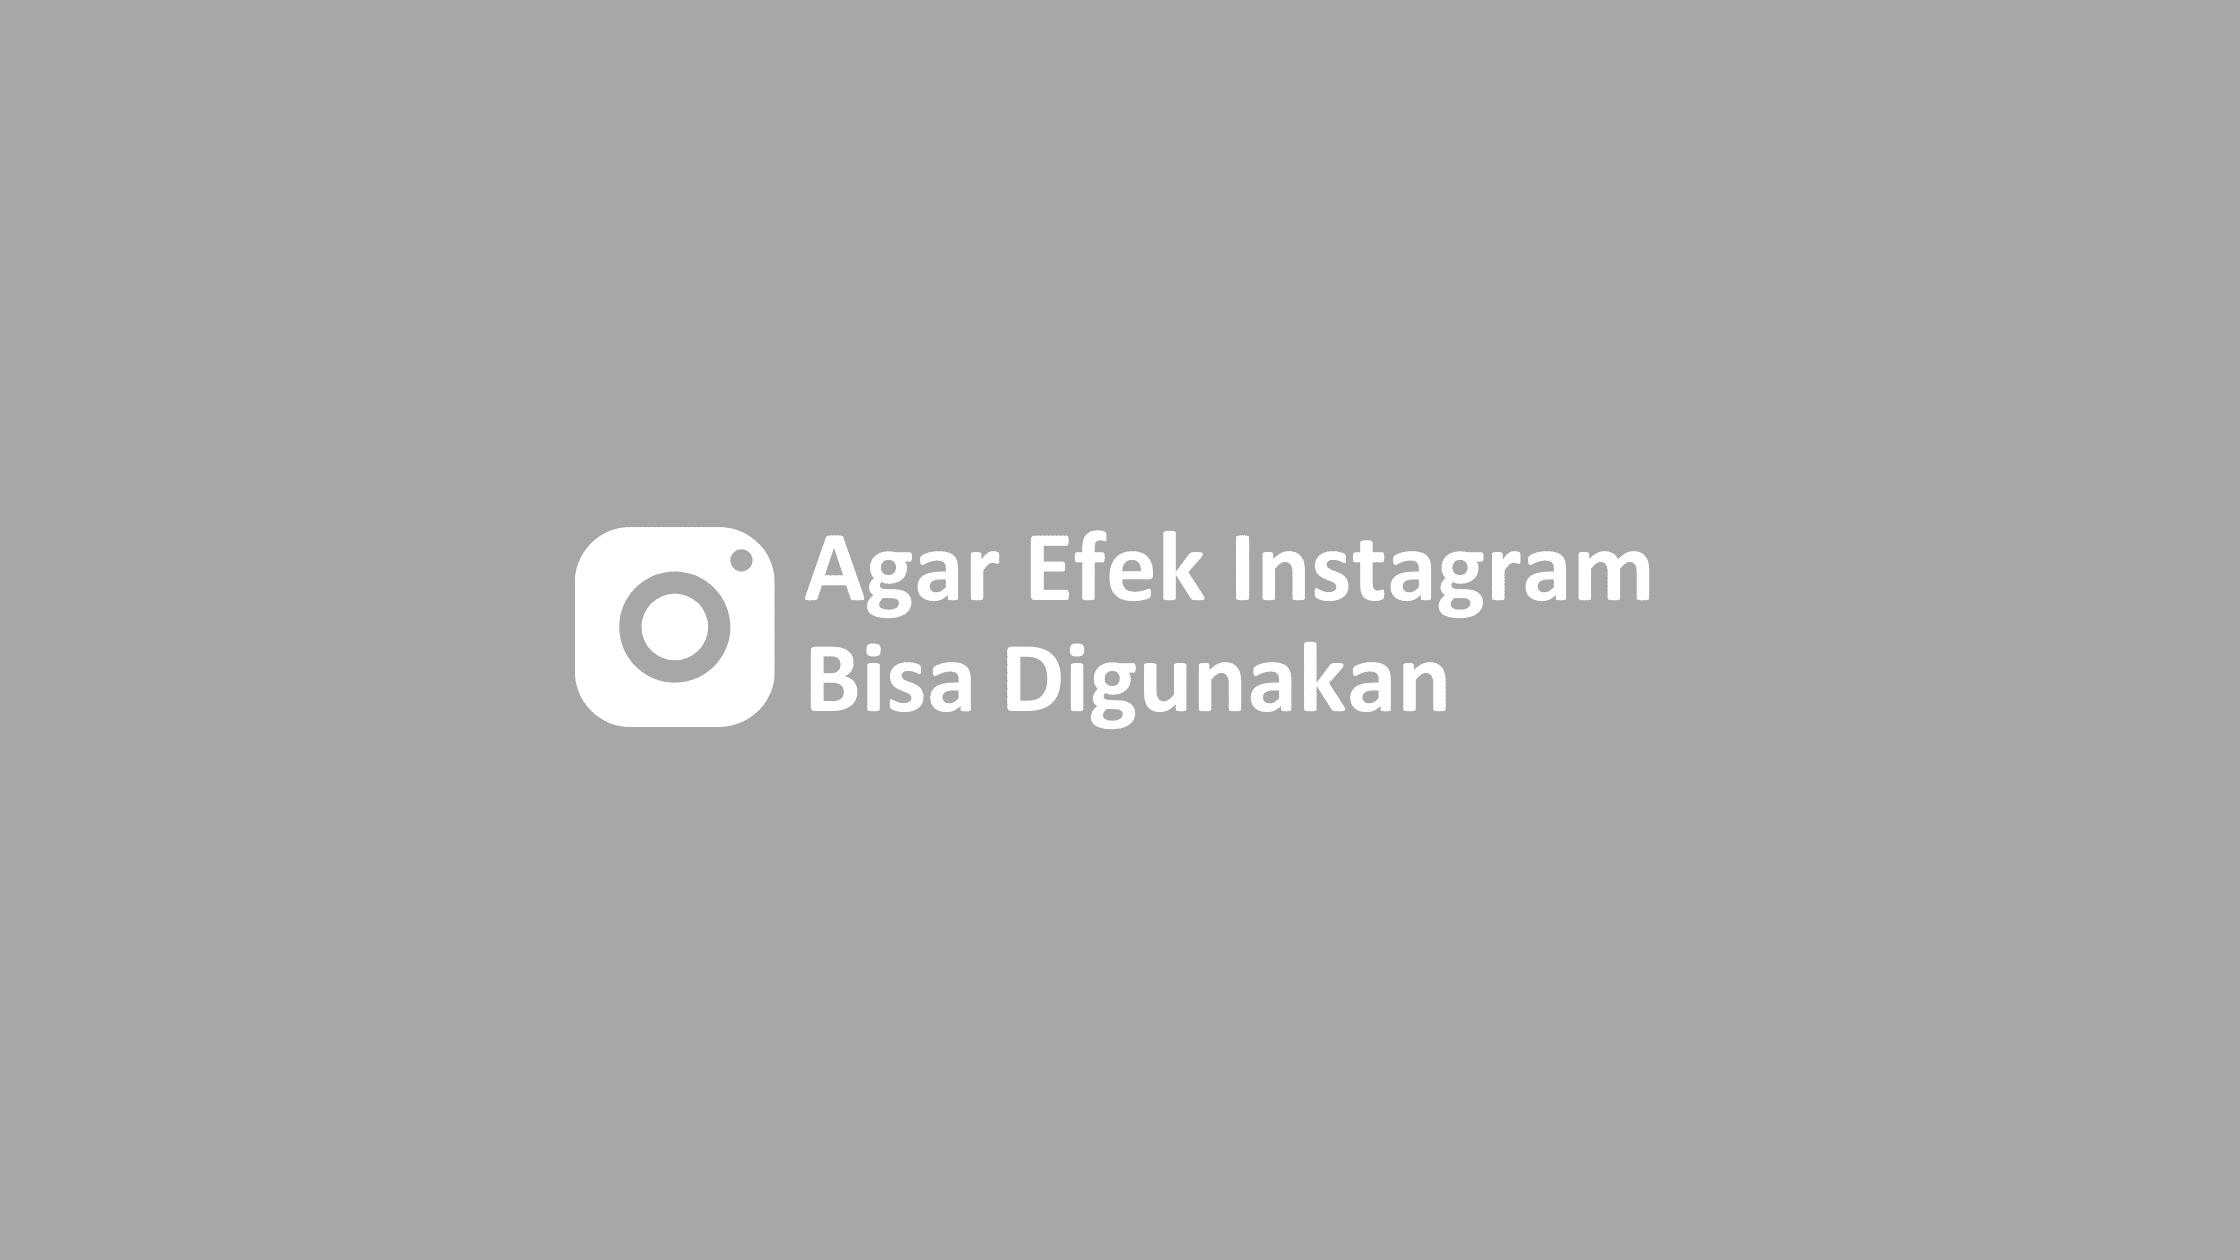 cara agar efek instagram bisa digunakan